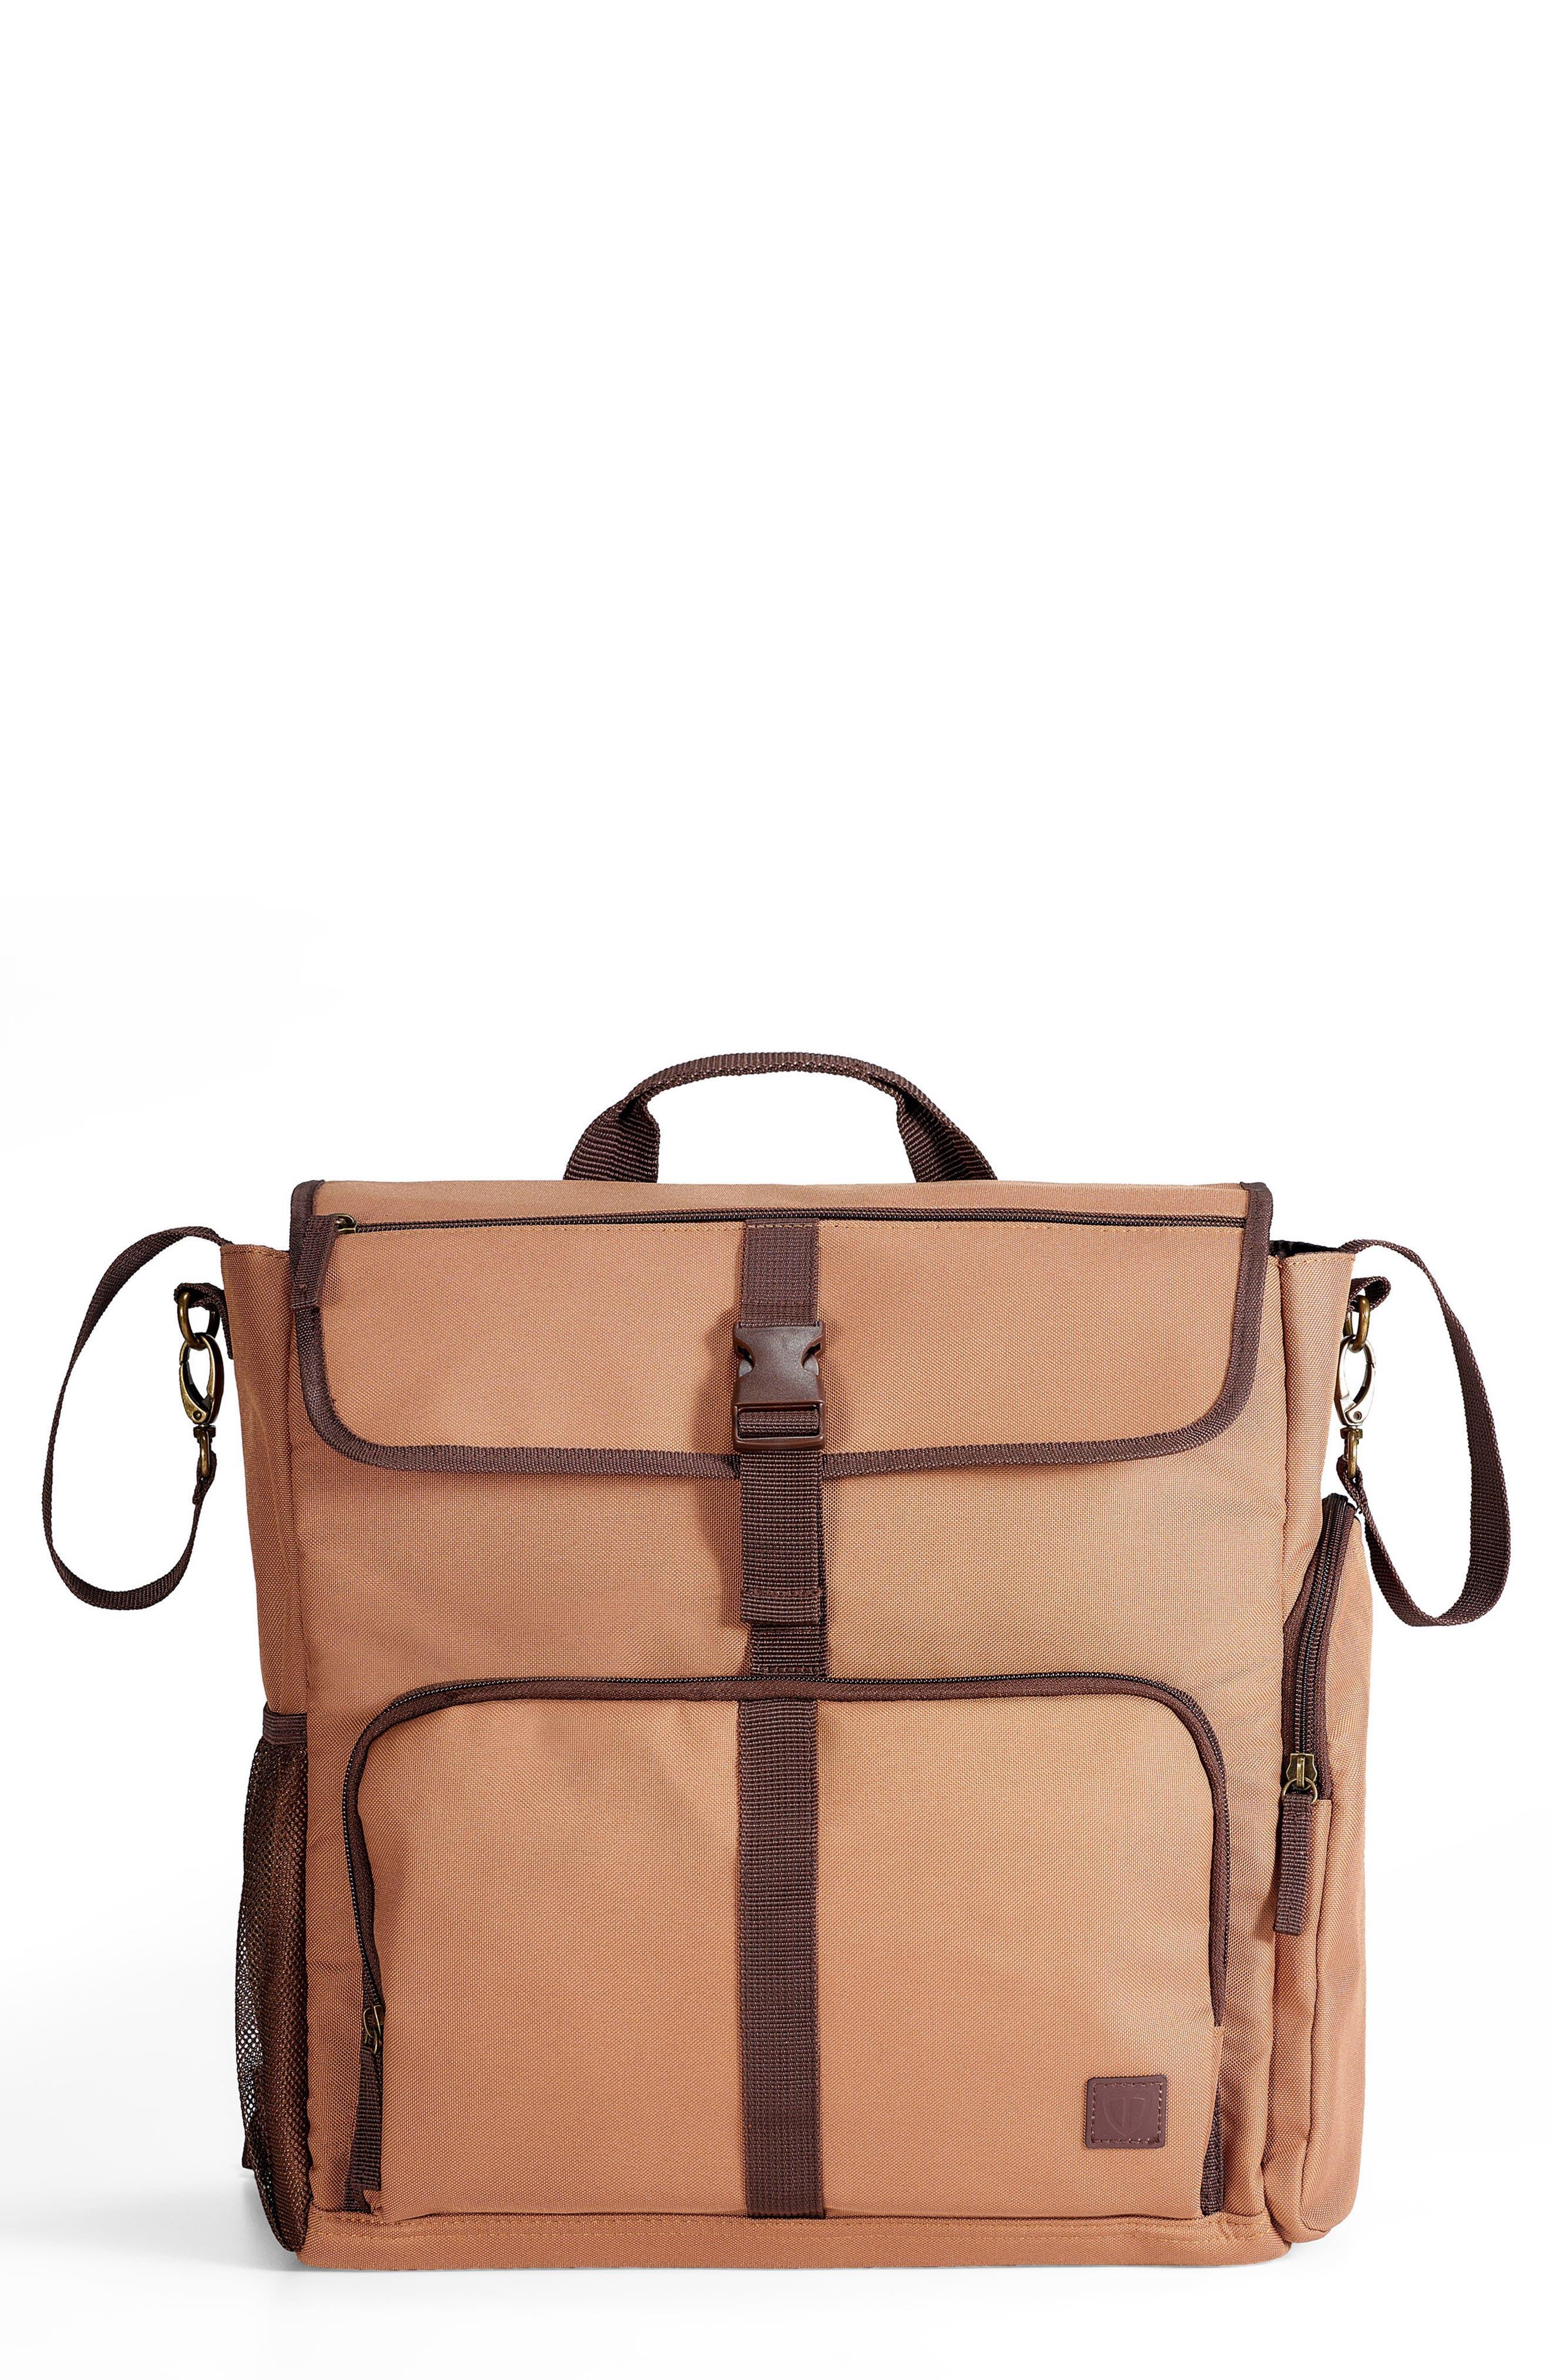 DIAPER DUDE Convertible Diaper Backpack